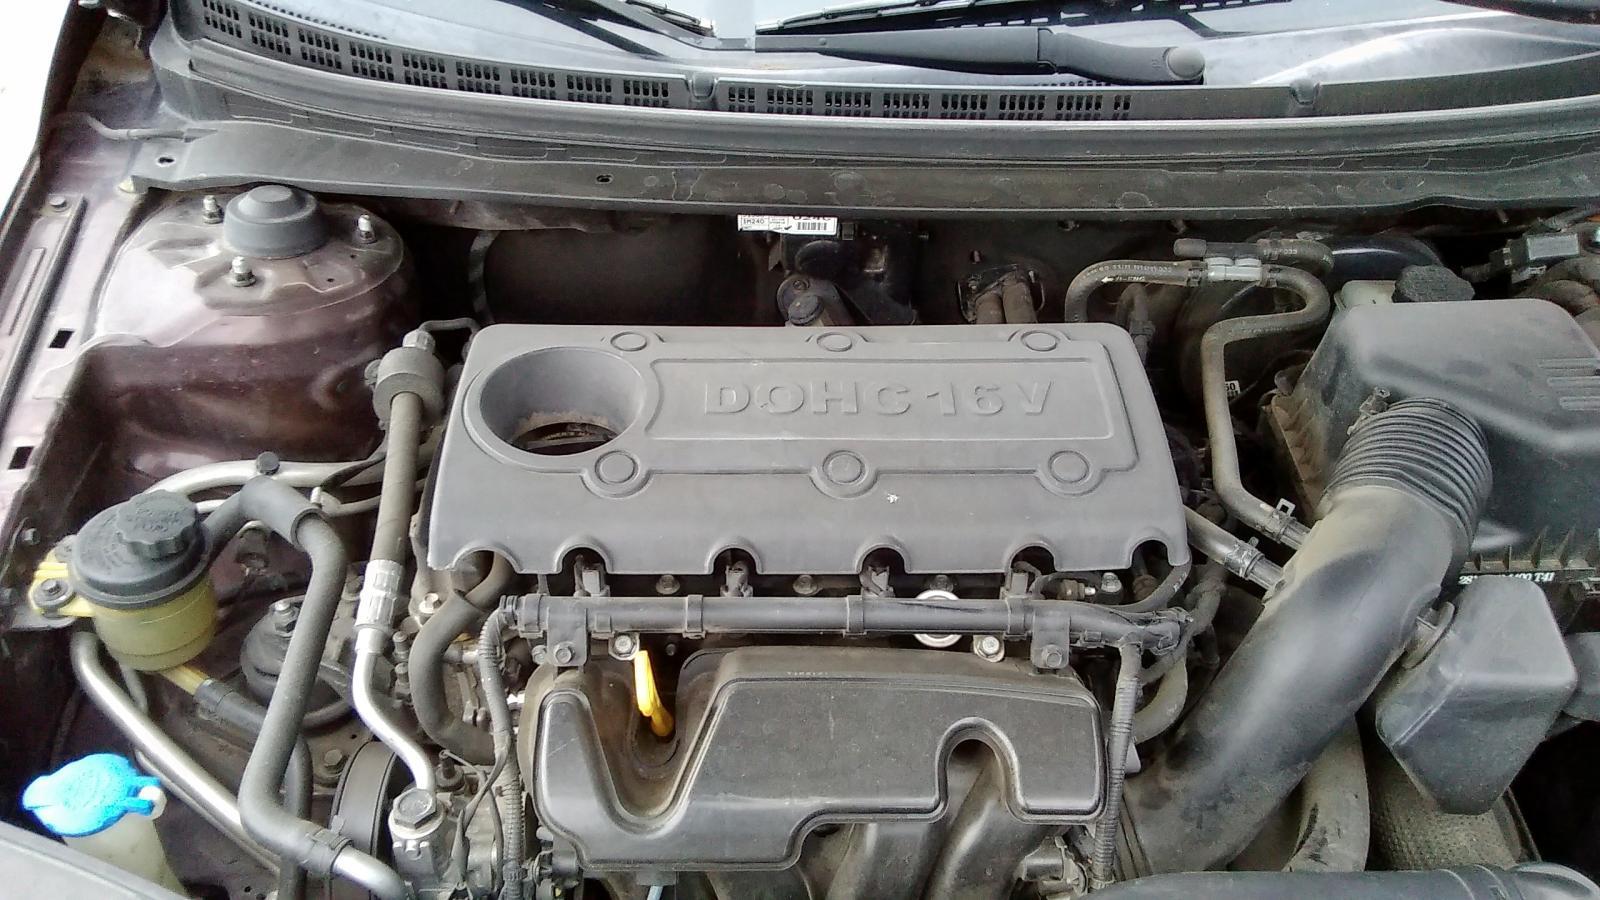 KNAFU4A20B5358577 - 2011 Kia Forte Ex 2.0L front view